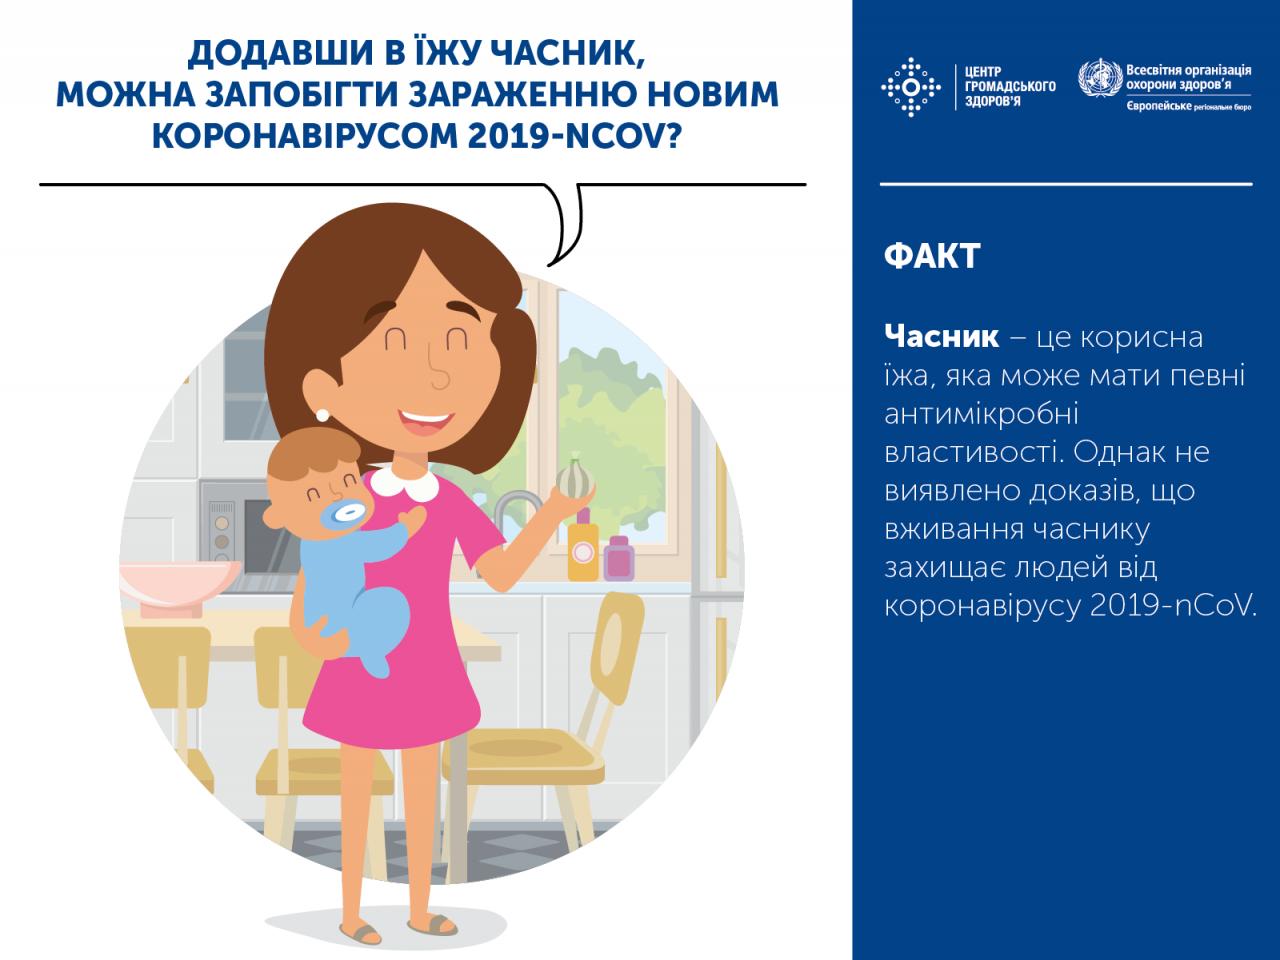 http://dunrada.gov.ua/uploadfile/archive_news/2020/03/16/2020-03-16_803/images/images-4999.png